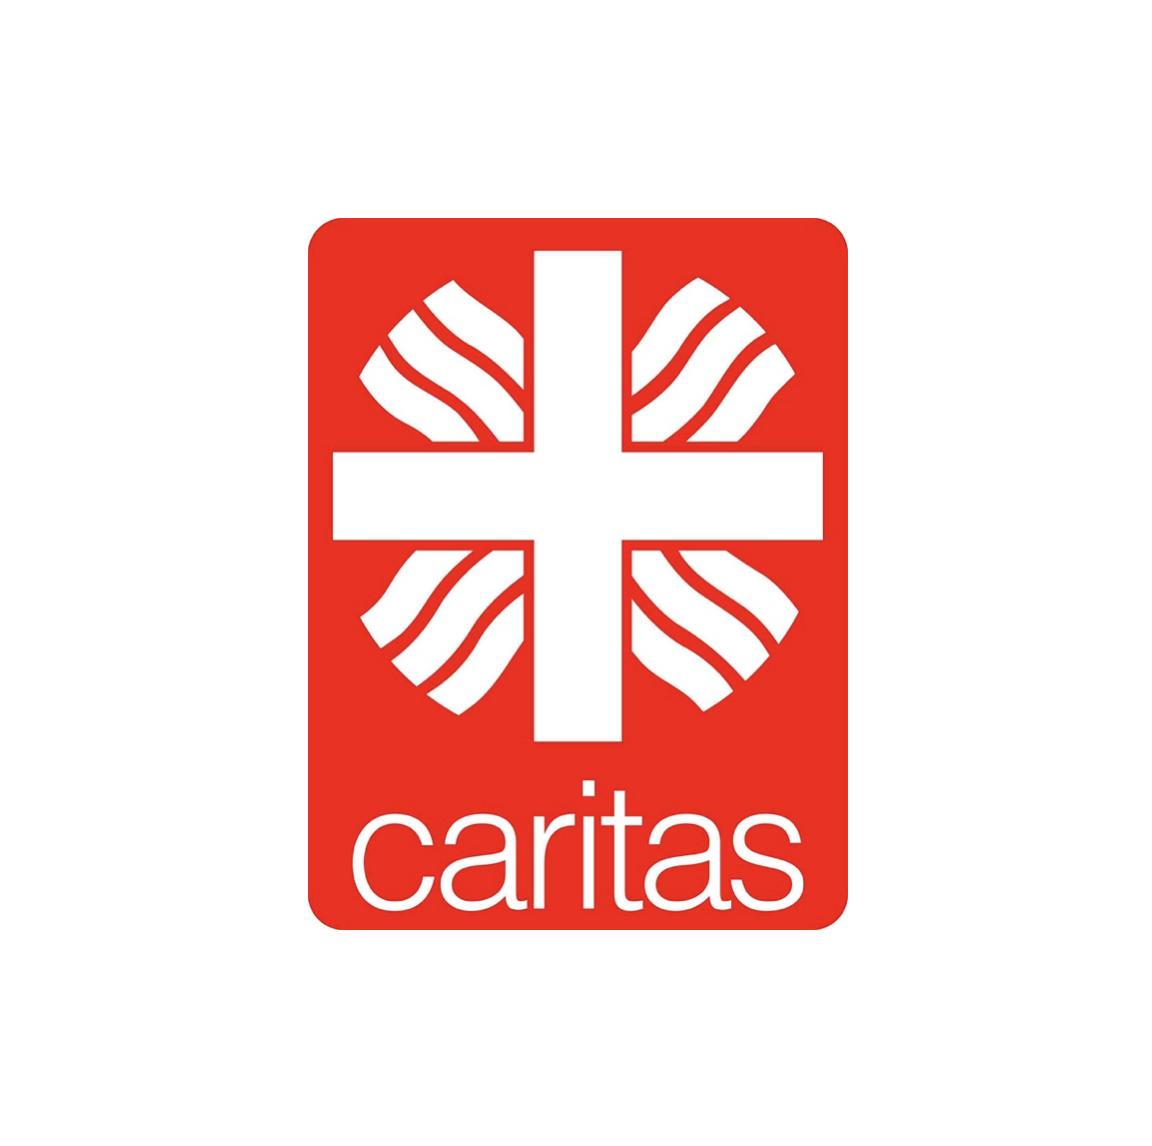 Logo Caritas by Joost Bastmeijer.png